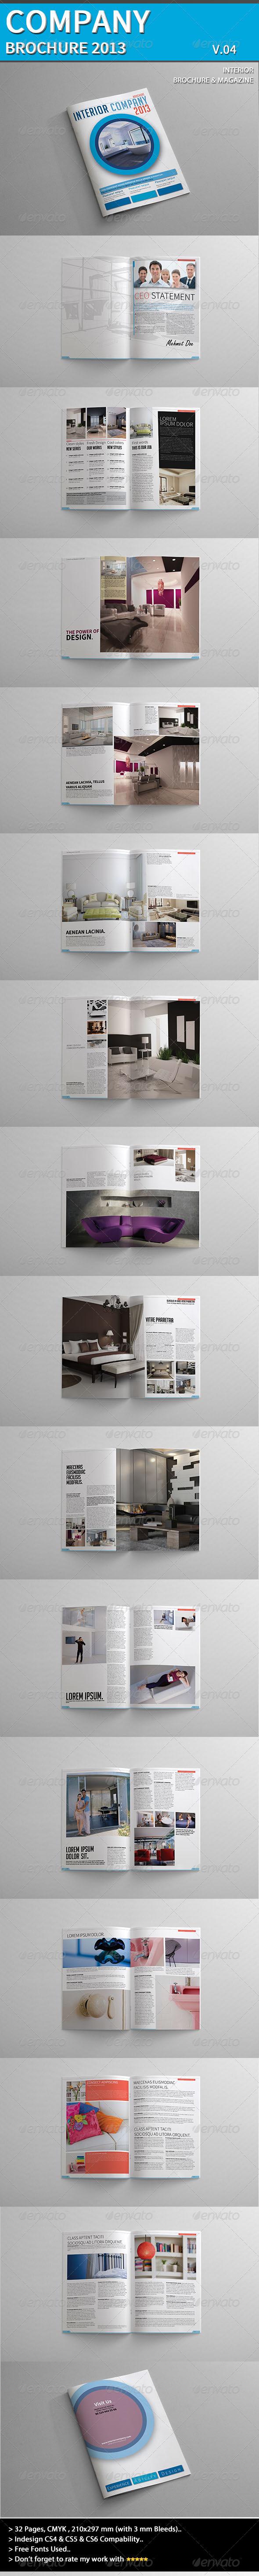 Company Brochure 2013 Part 04